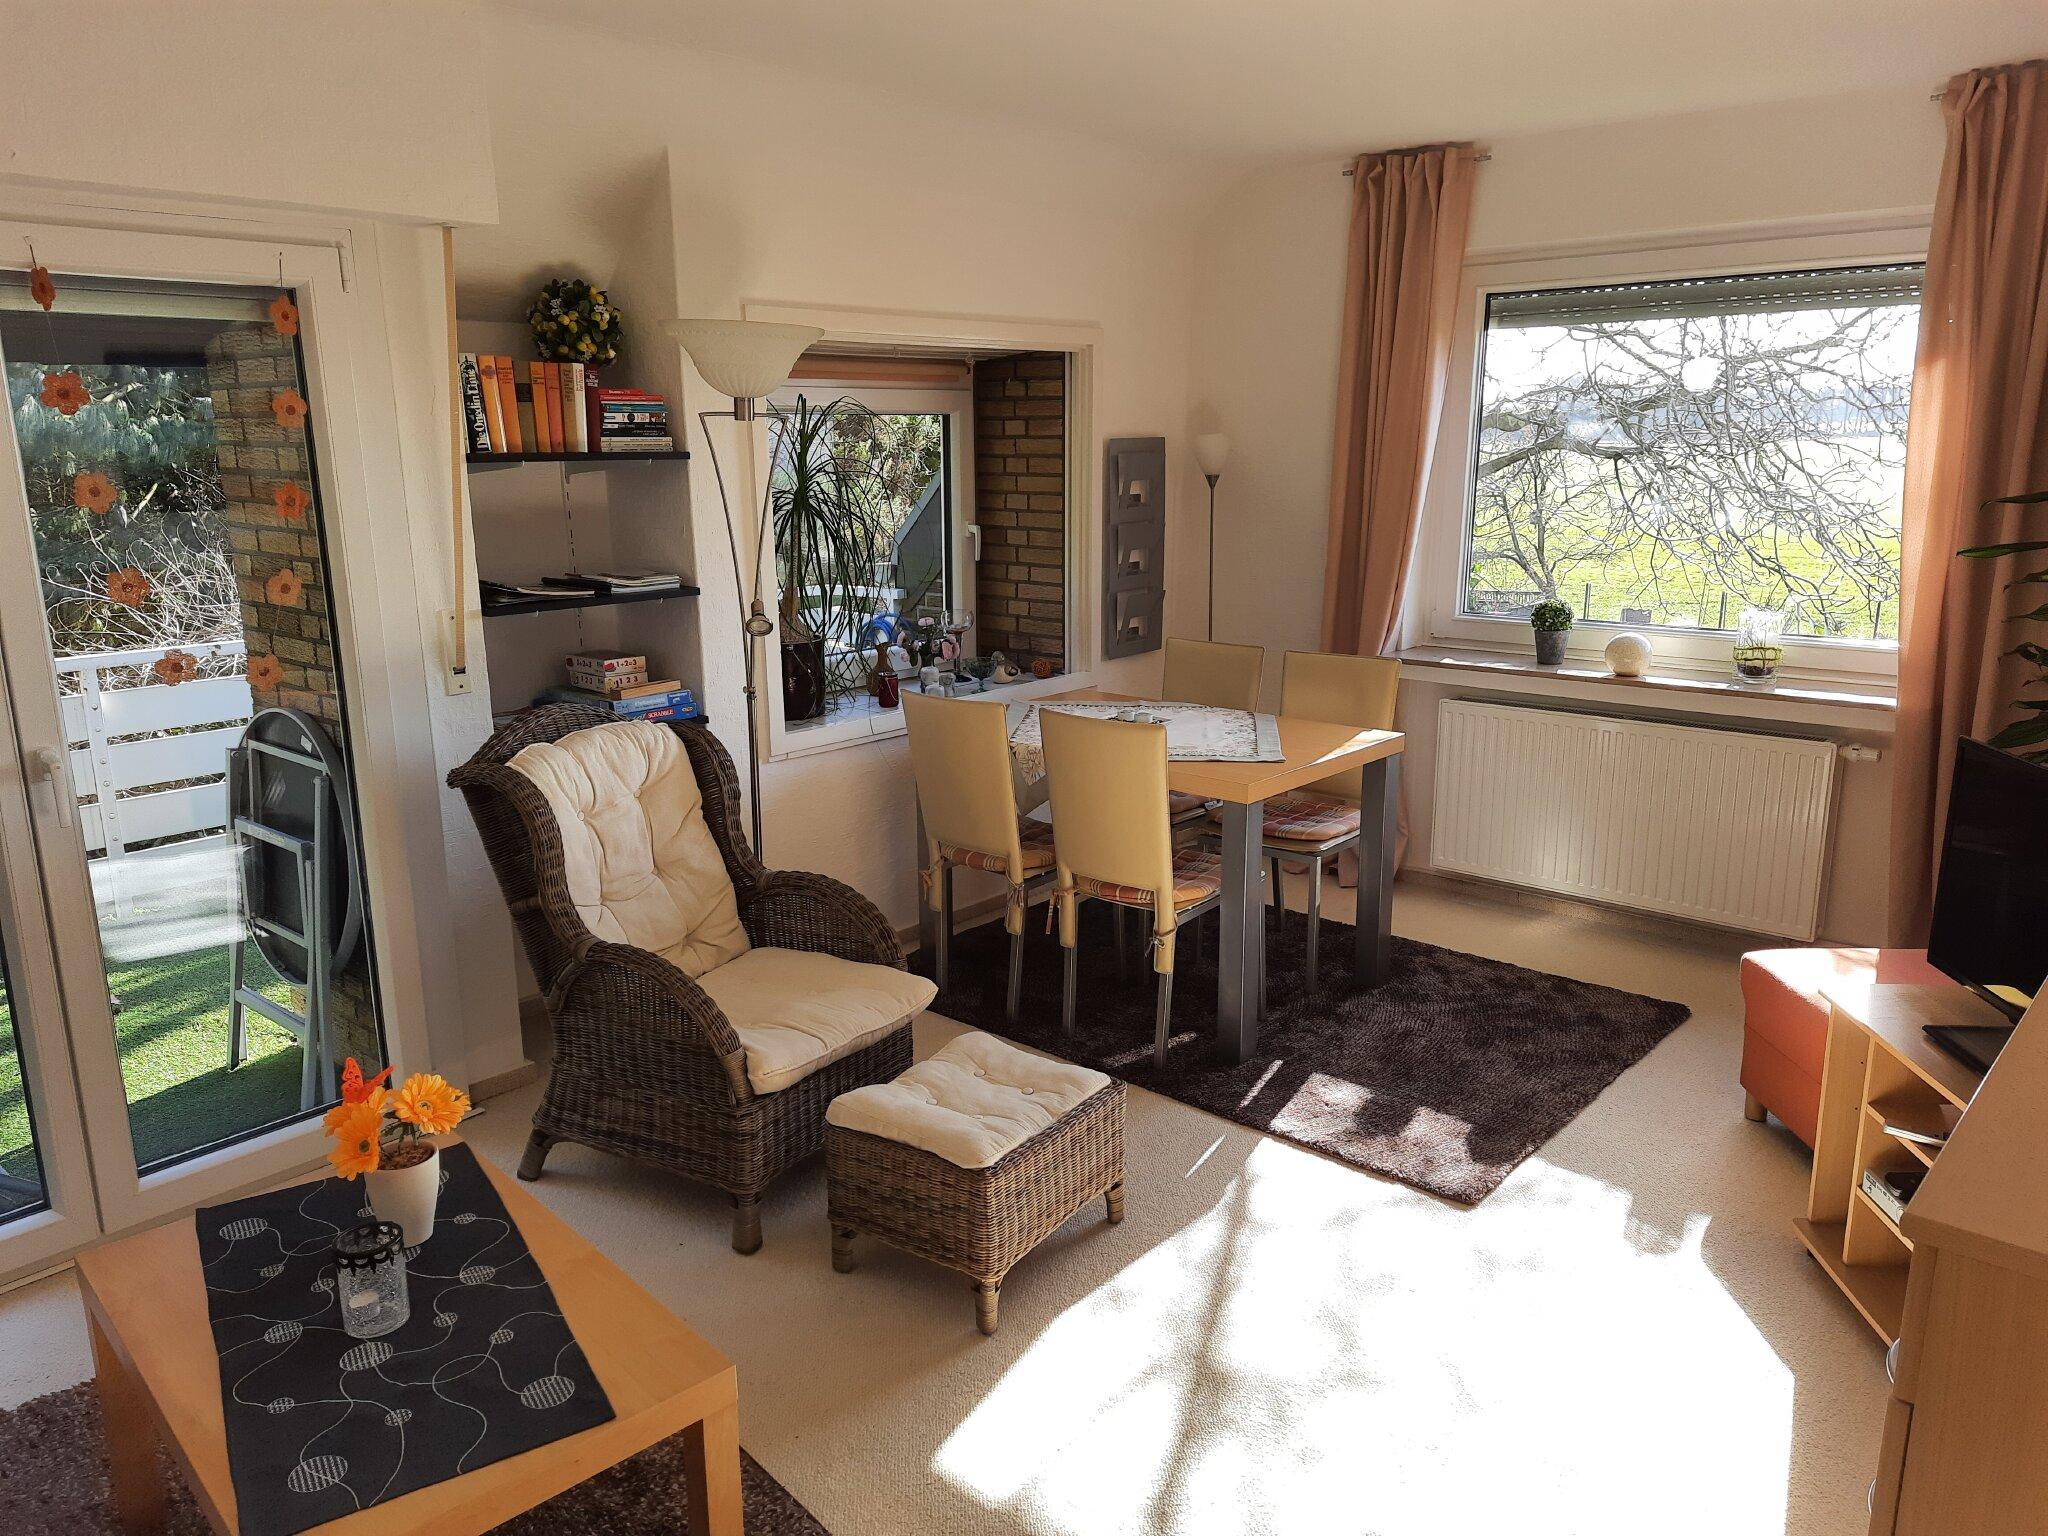 Sitzecke im gemütlichen hellem Wohnzimme